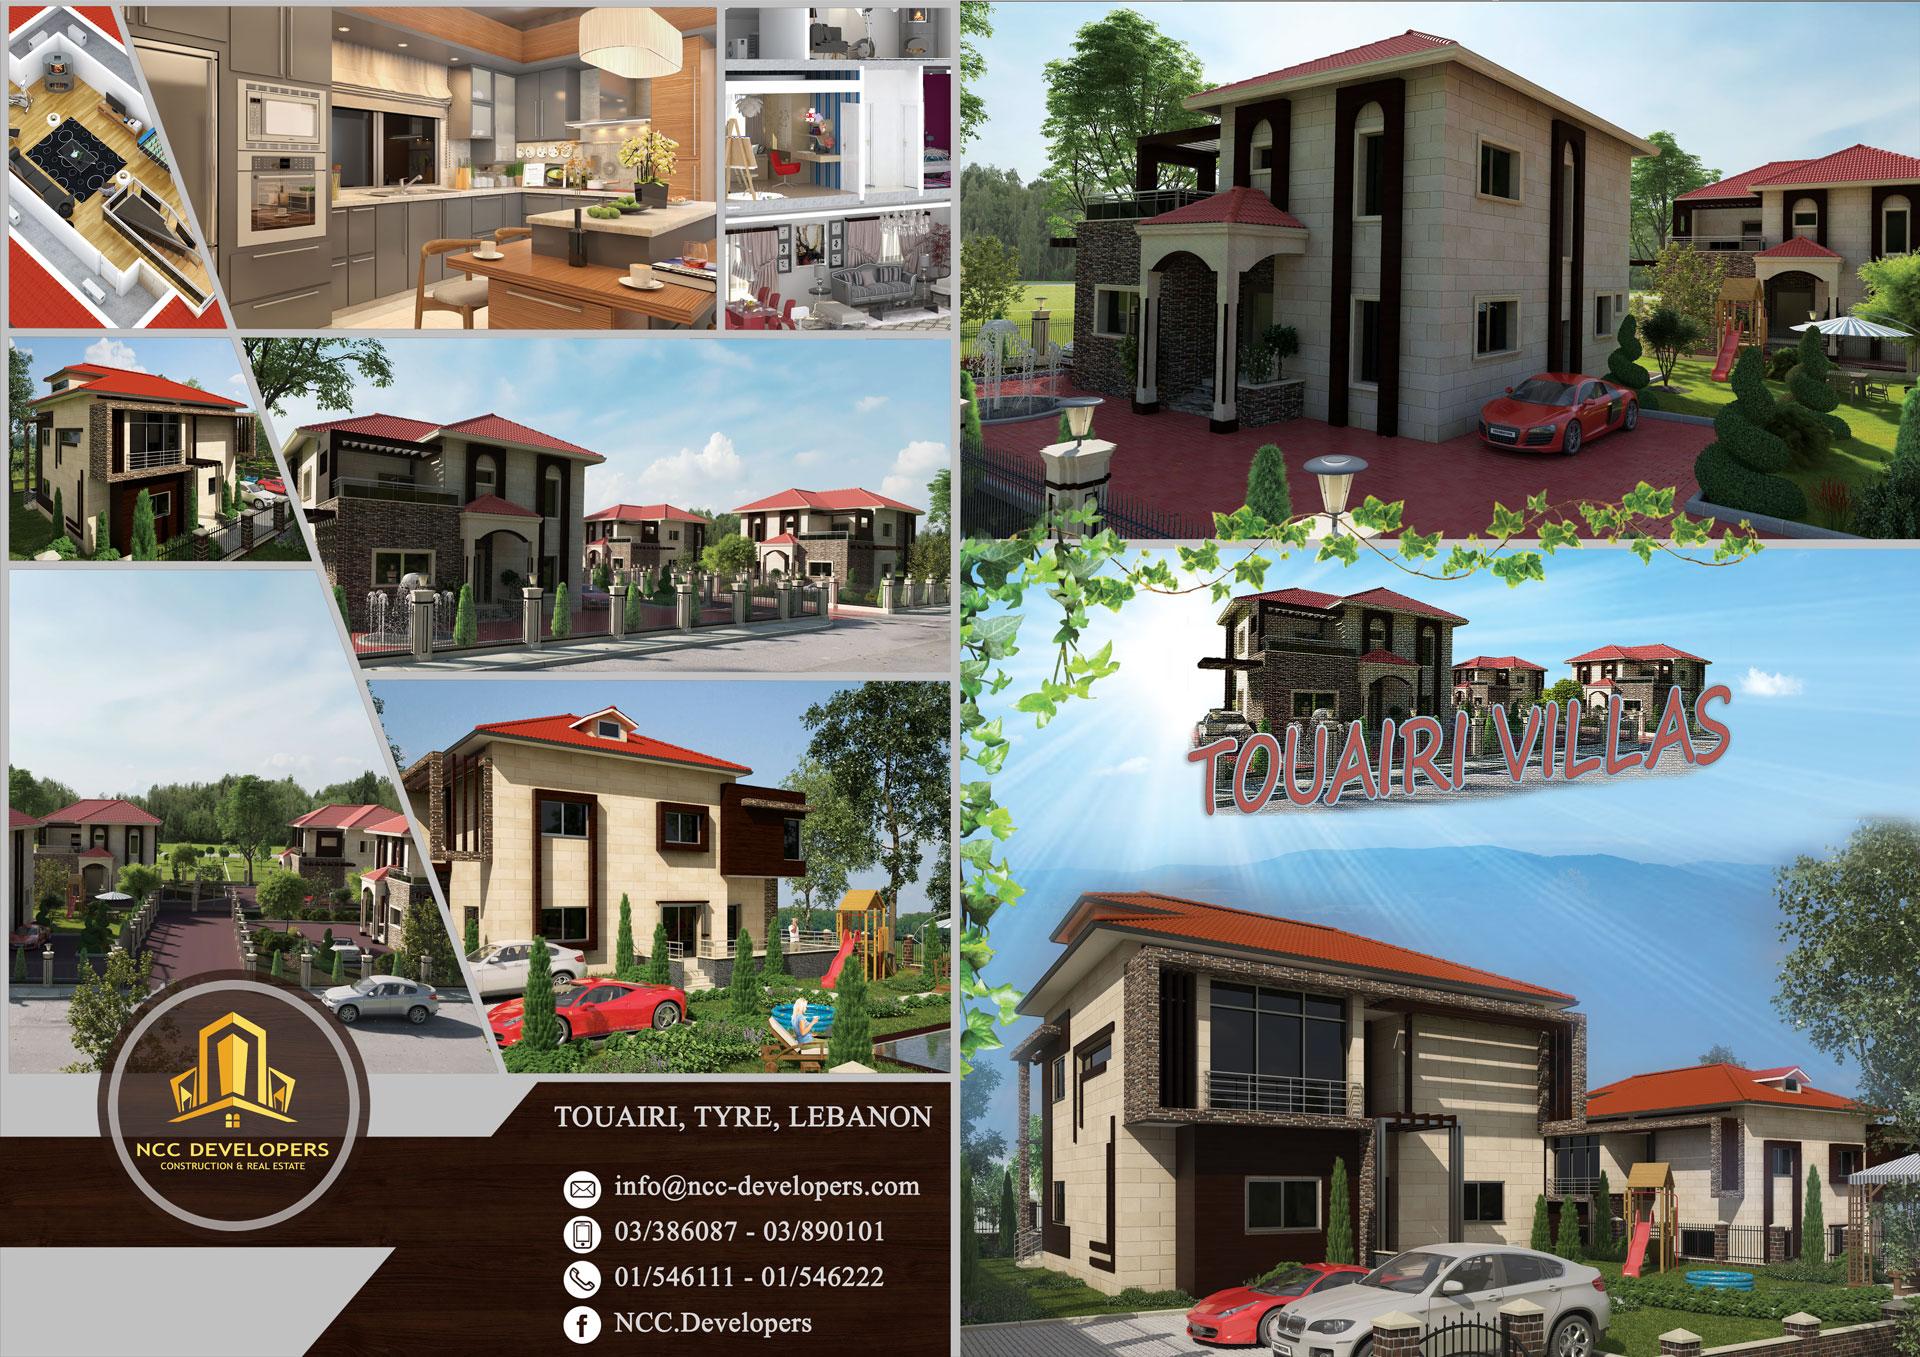 Touairi Villas Brochure